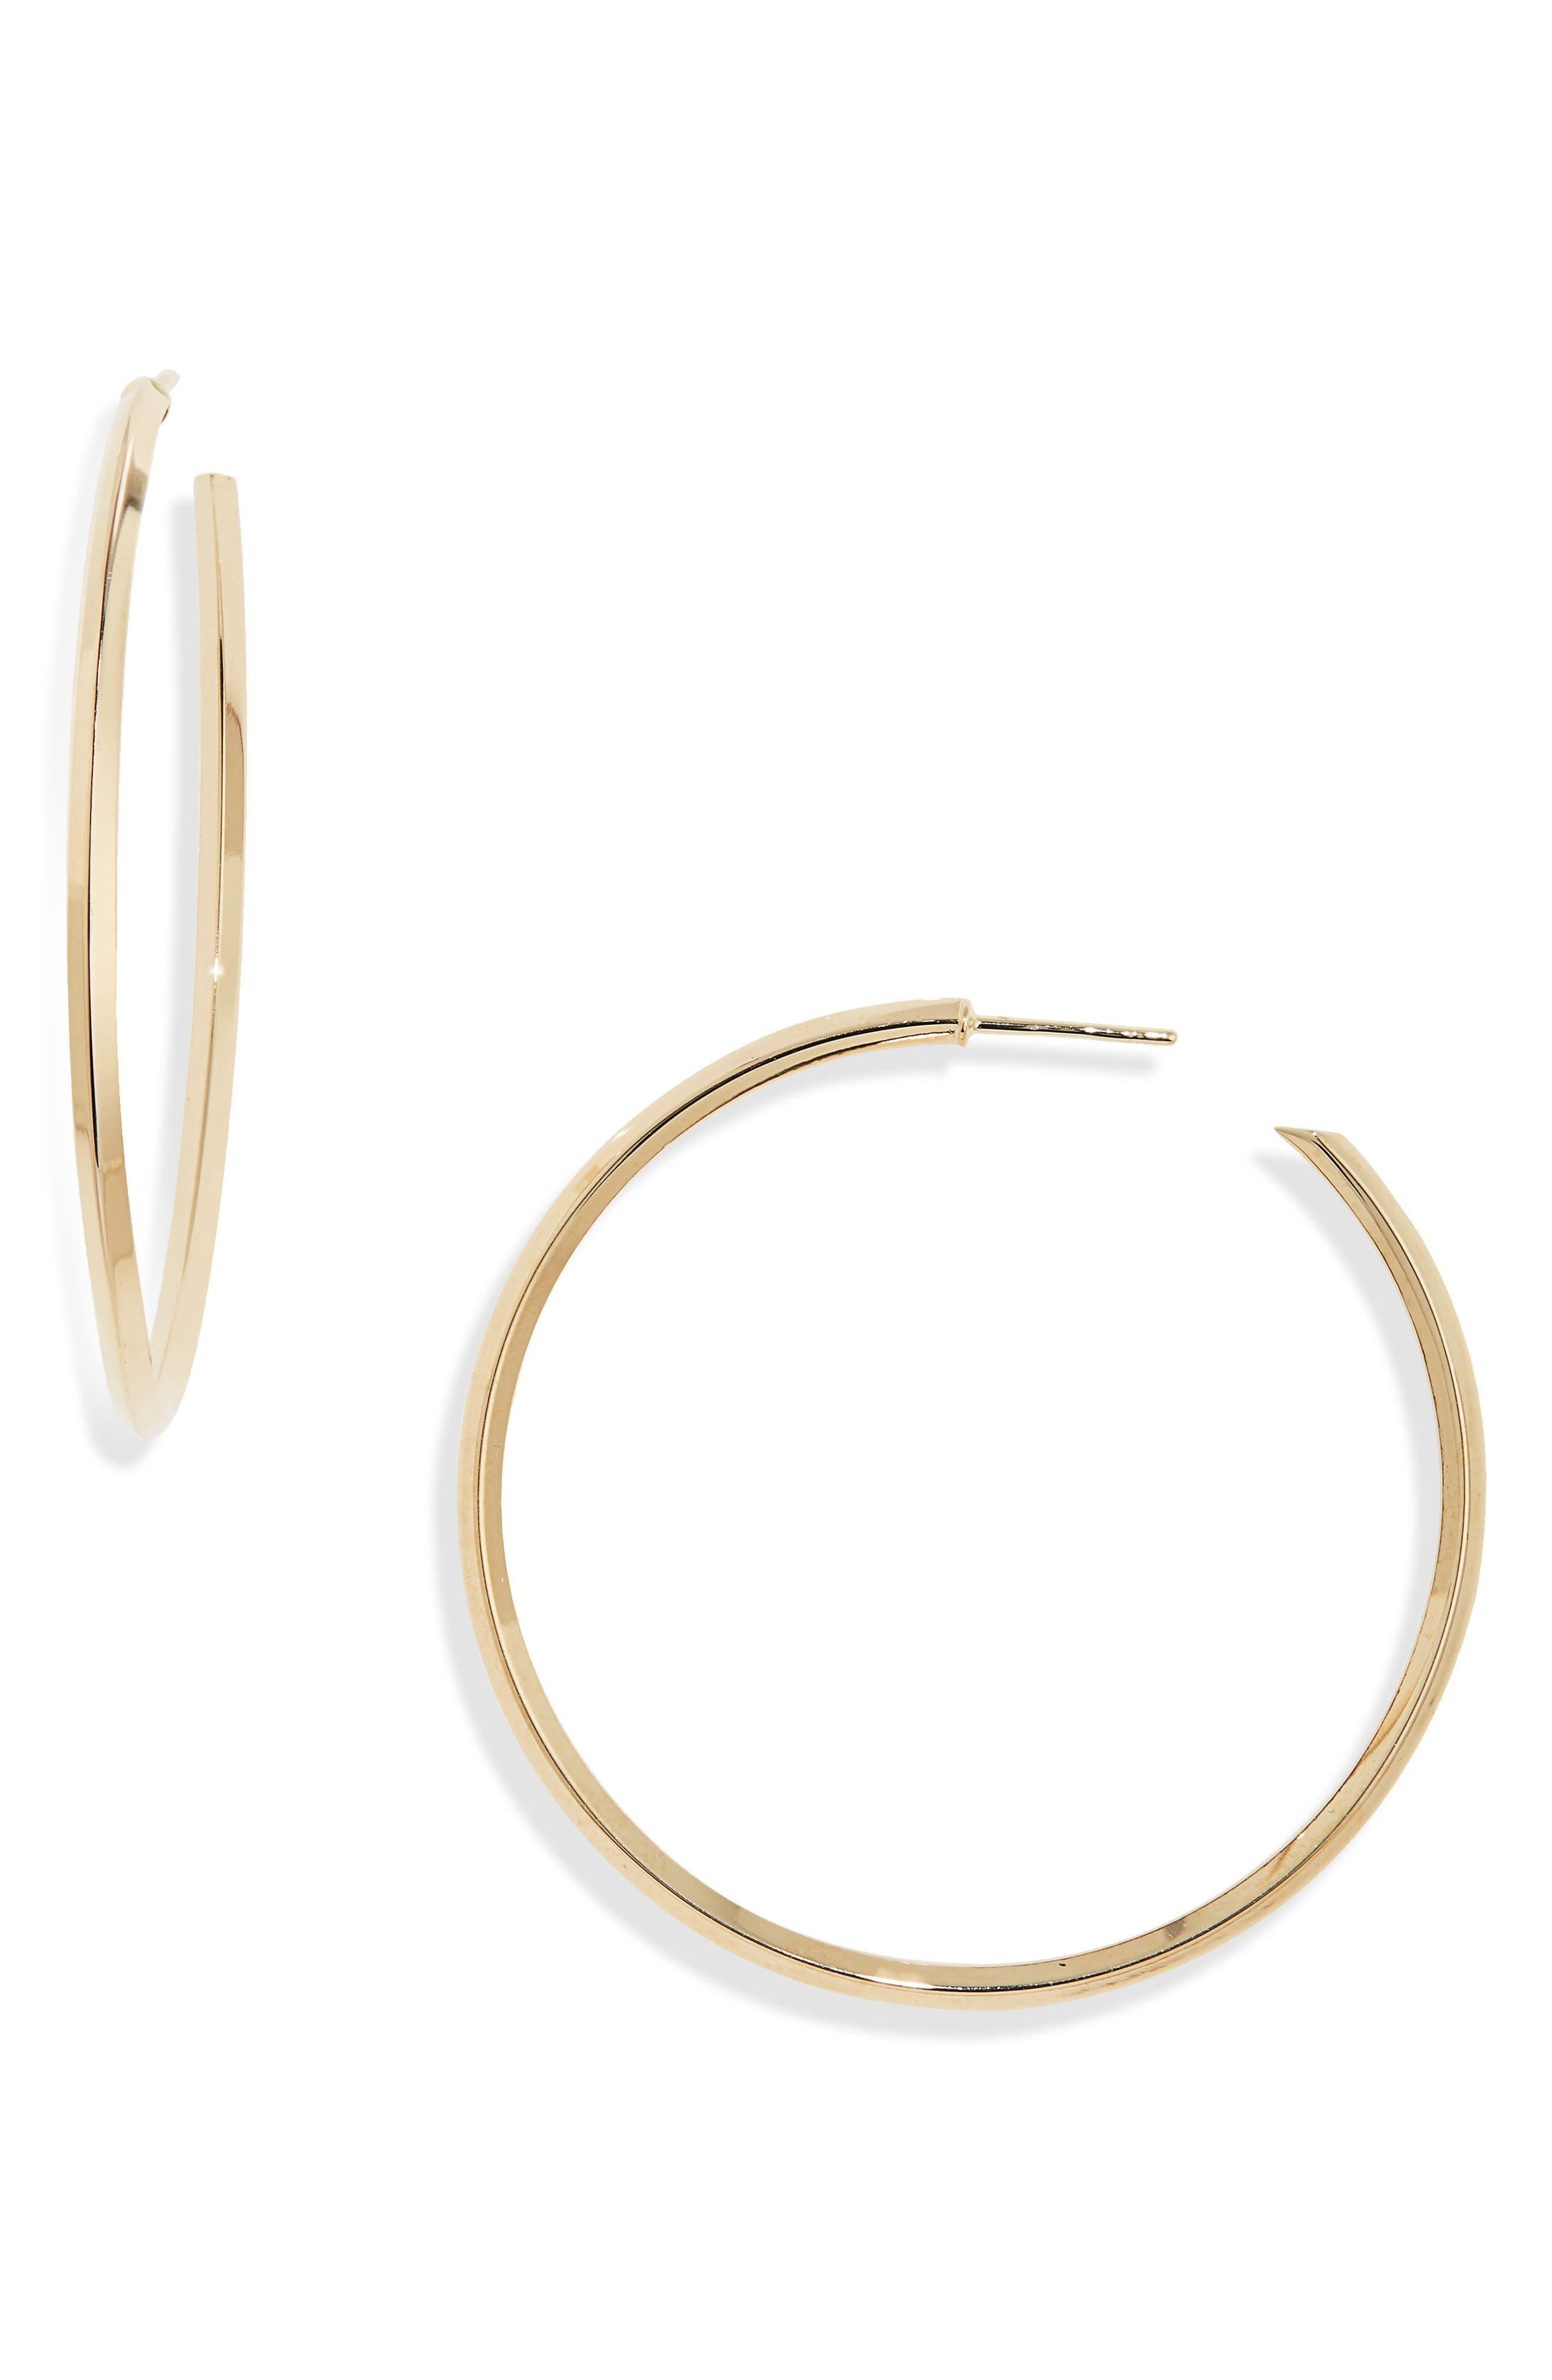 Pointed Royale Hoop Earrings